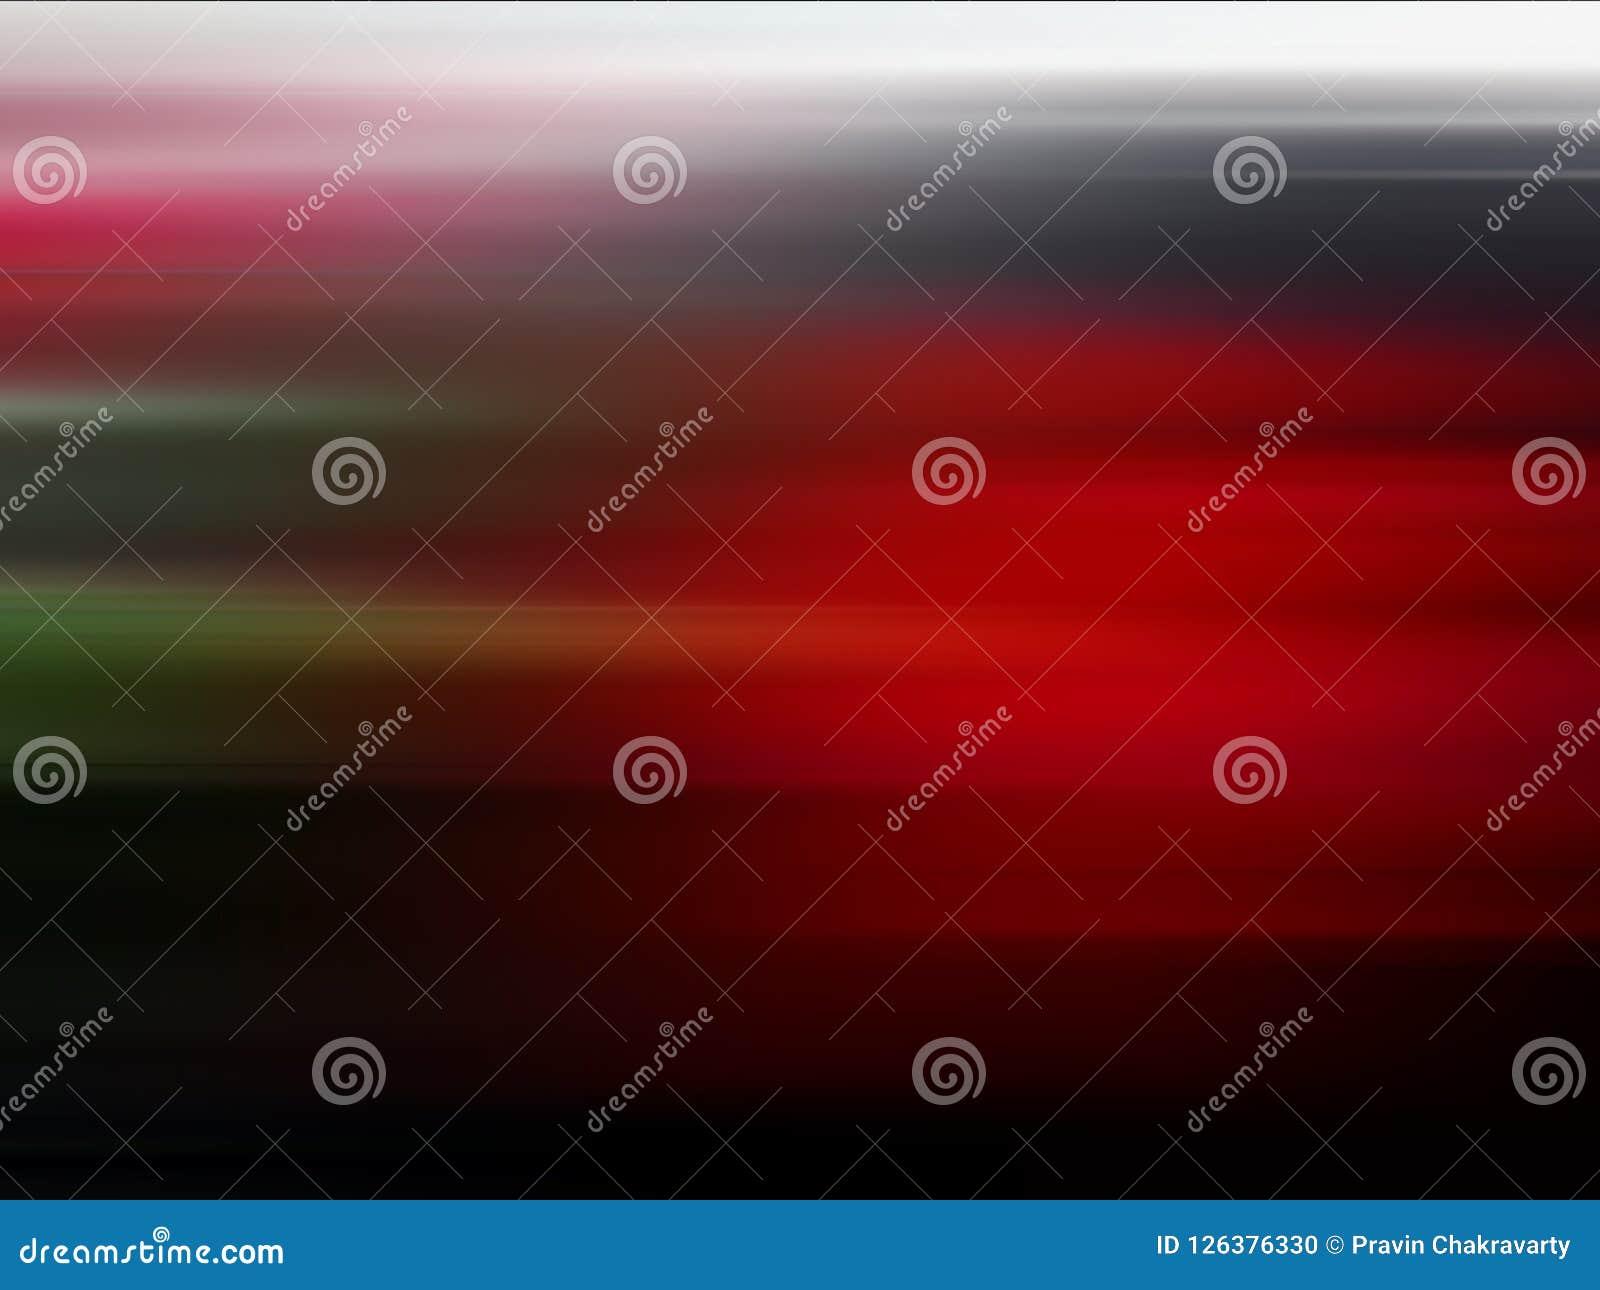 Kleurrijk vaag in de schaduw gesteld behang als achtergrond levendige kleuren vectorillustratie